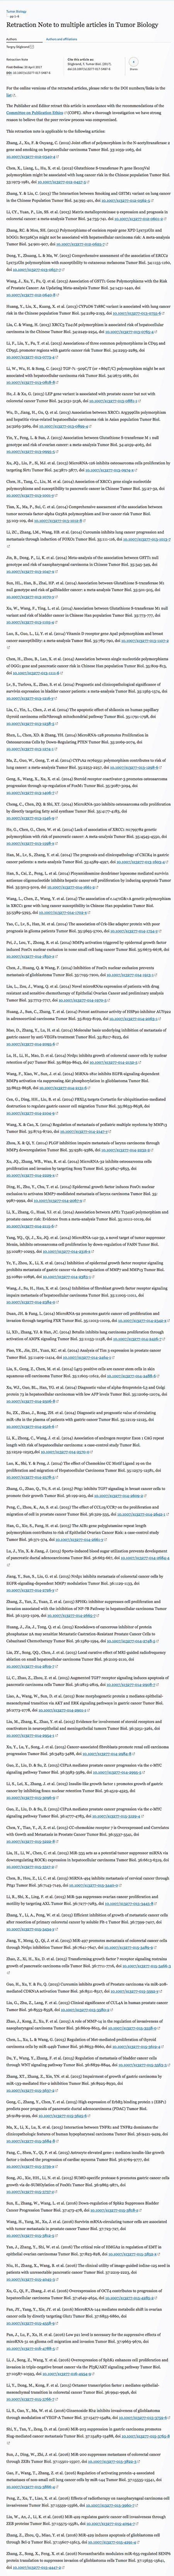 斯普林格所提供的論文造假名單。(截圖)